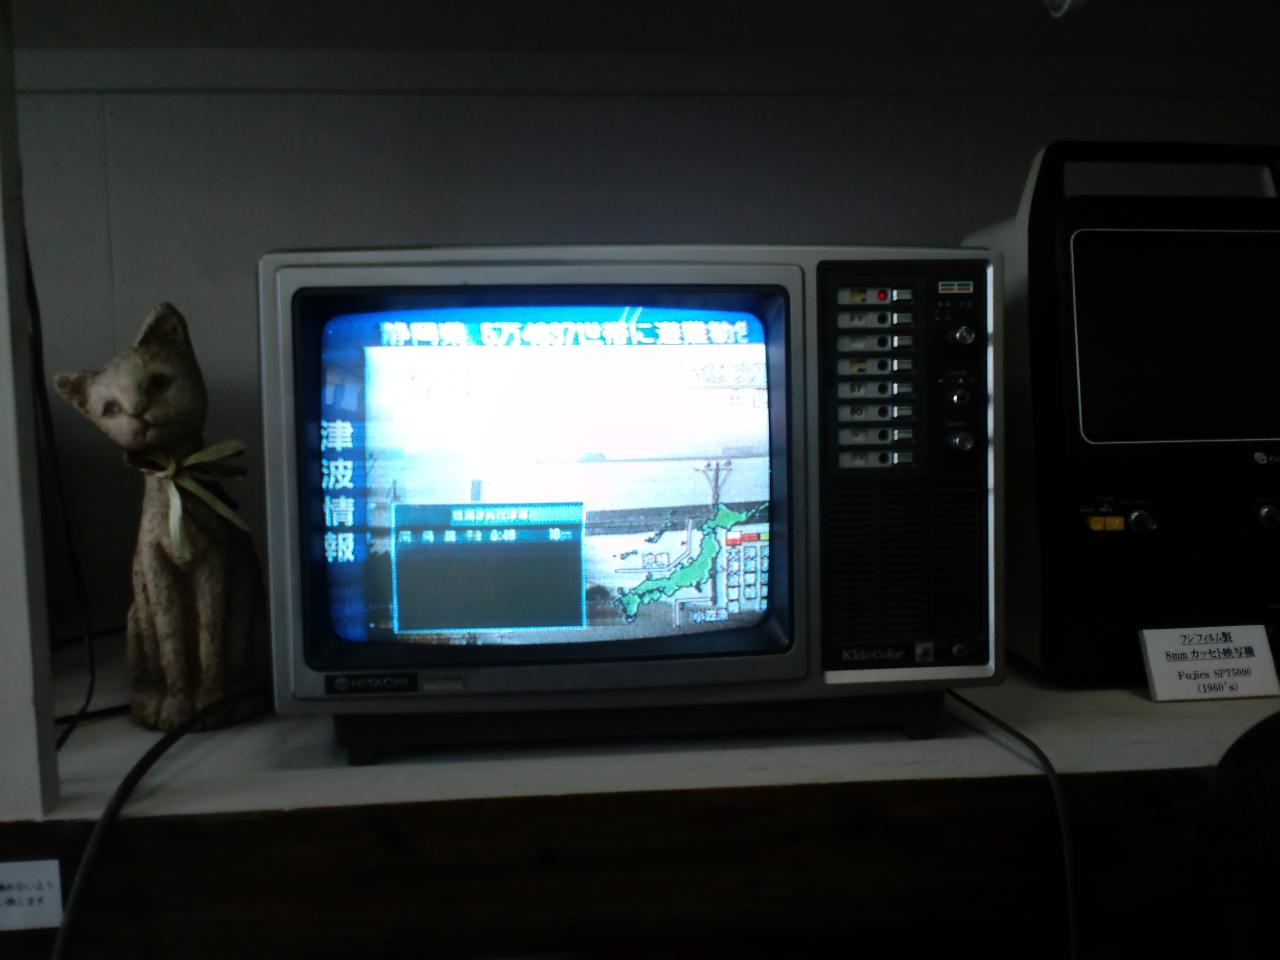 CA3G0019.jpg